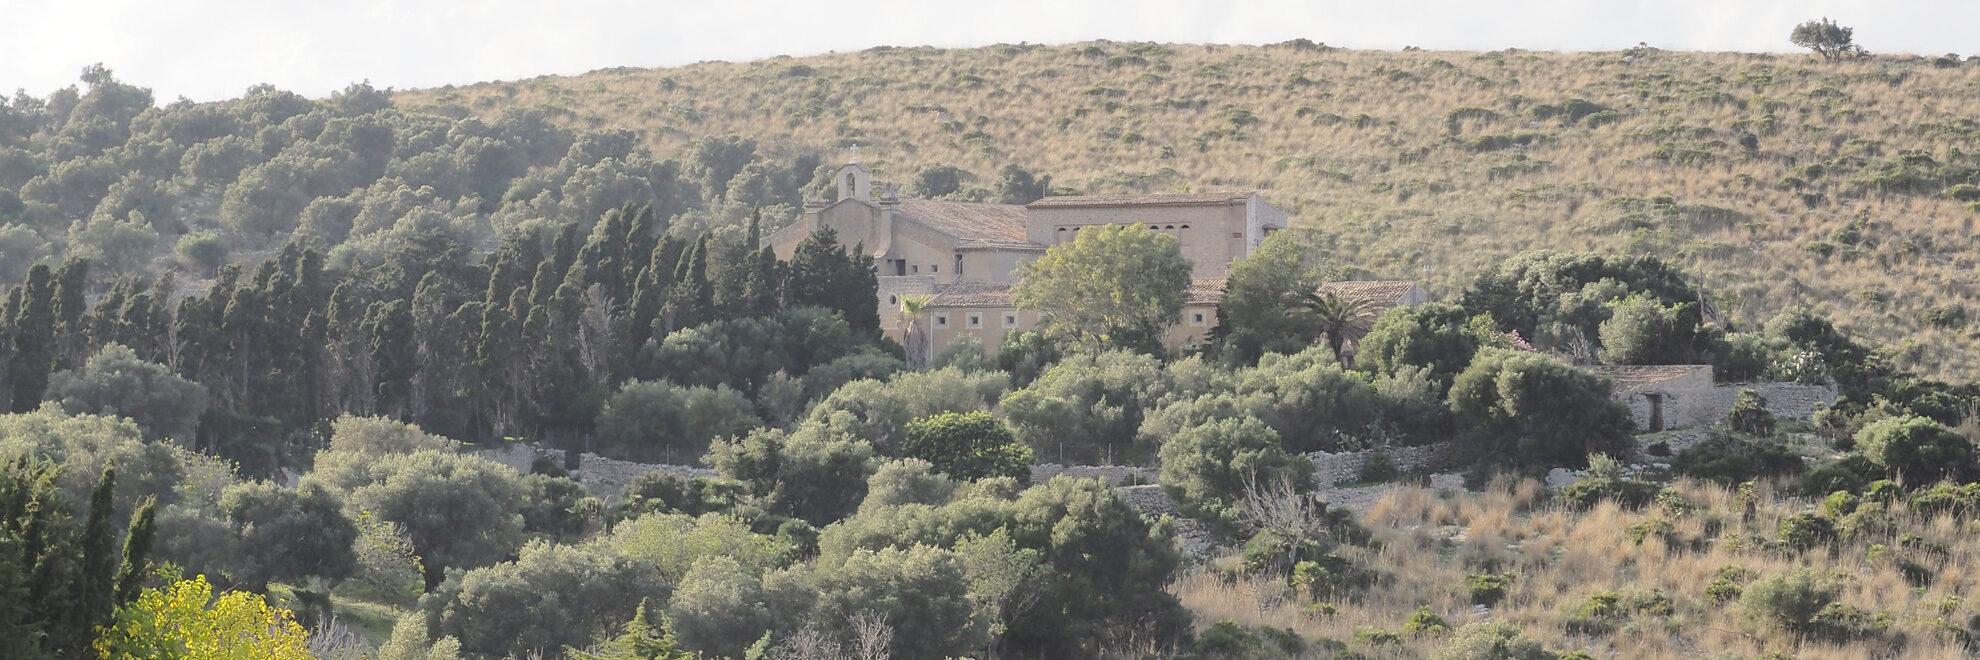 Artá: Ermita de Betlem (Wanderweg GR 222)